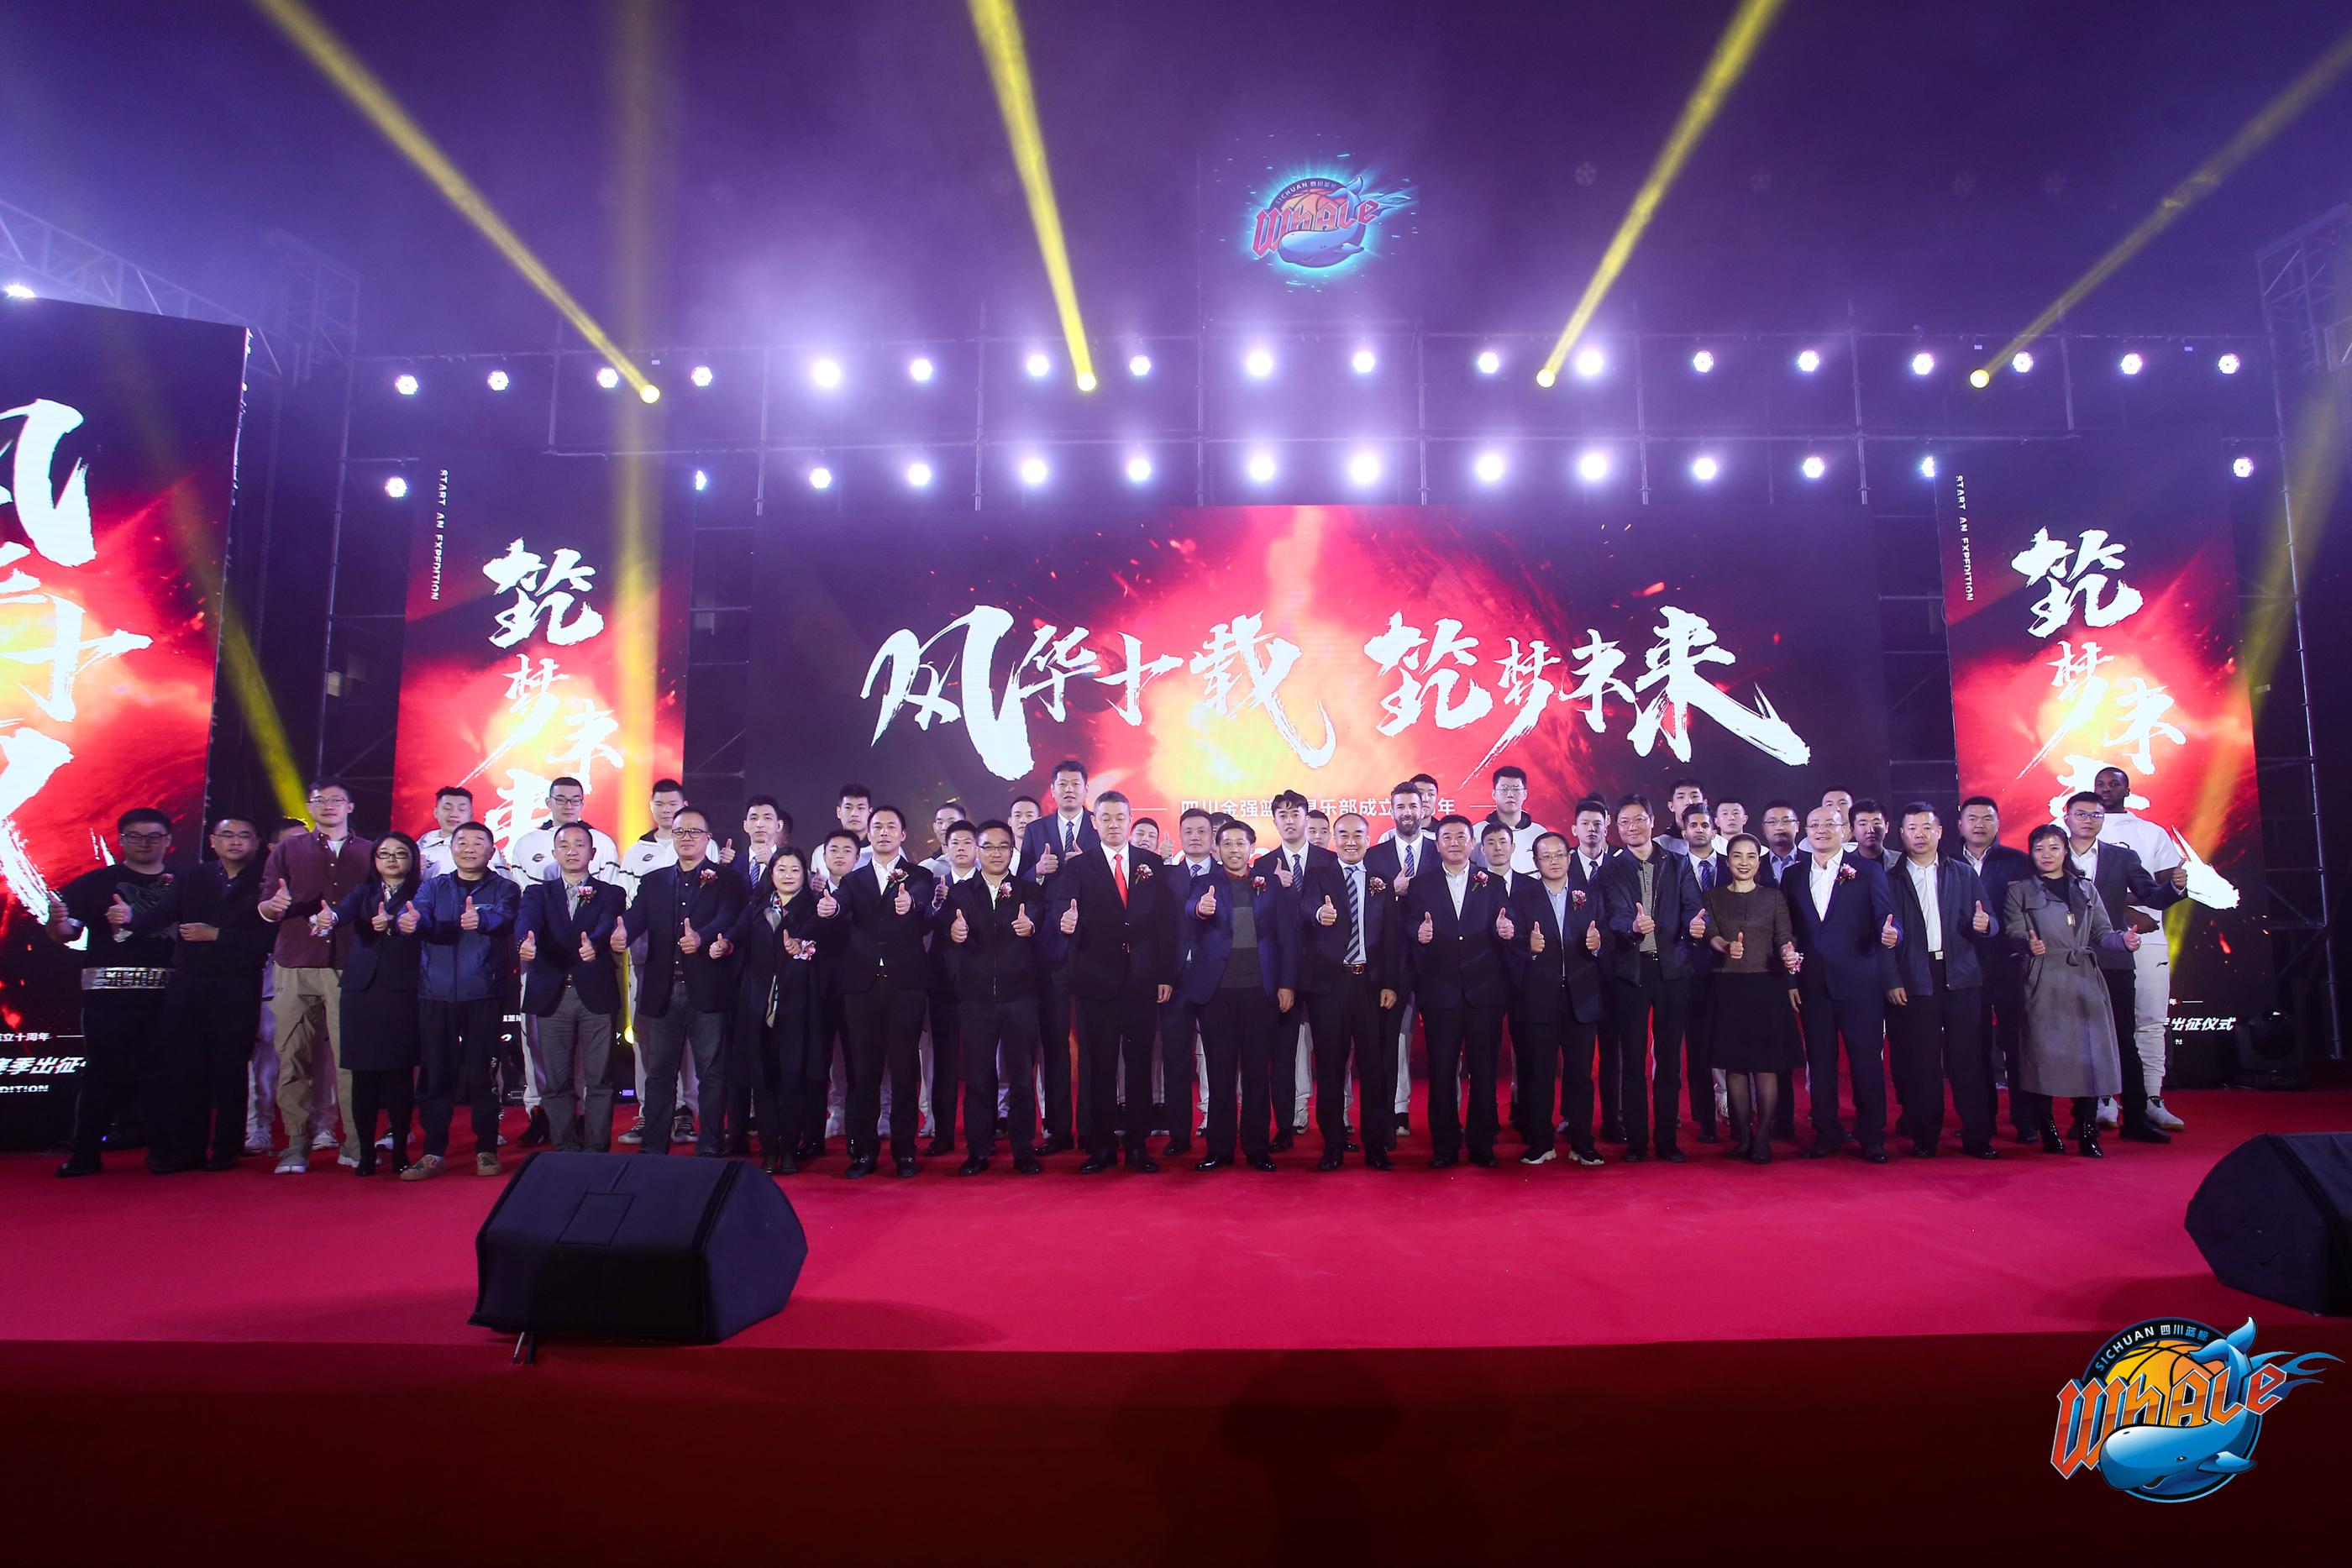 风华十载筑梦未来 四川金强男篮成立十周年暨新赛季出征仪式